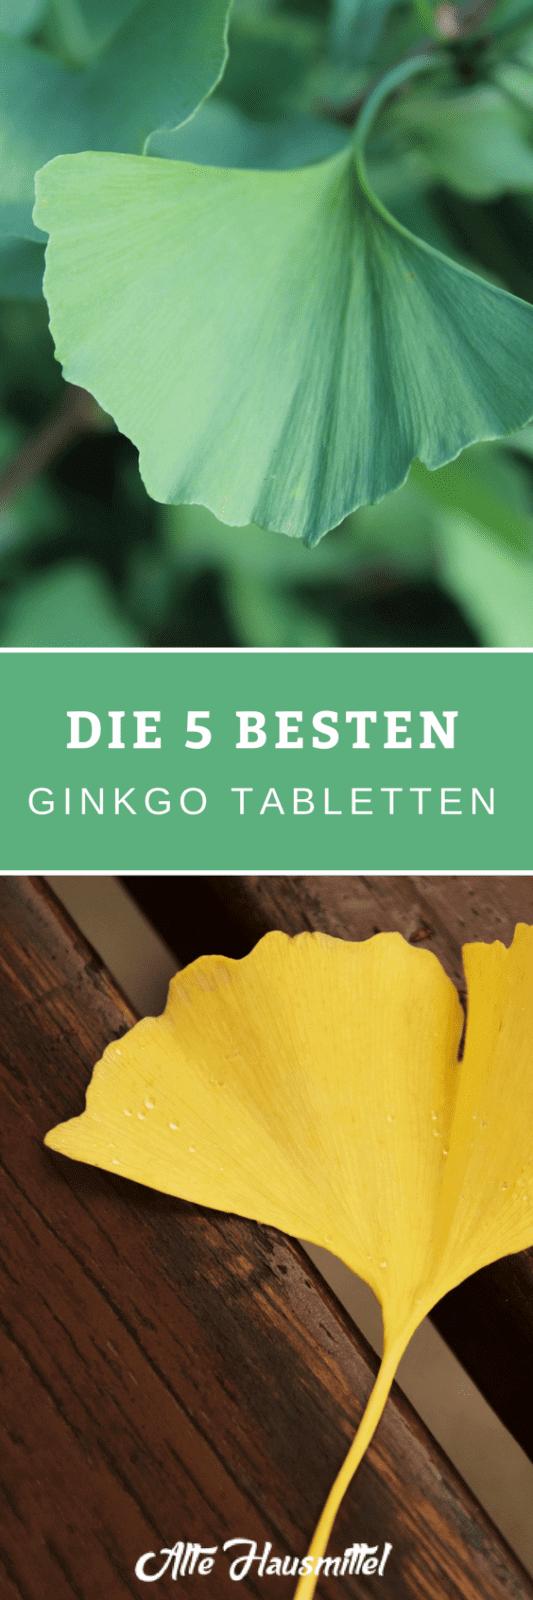 Welche Ginkgo Tabletten Hersteller gibt es ✓ Wie und wobei kann Ginkgo helfen ✓ Die unglaublich positiven Eigenschaften von dieser Pflanze ✓